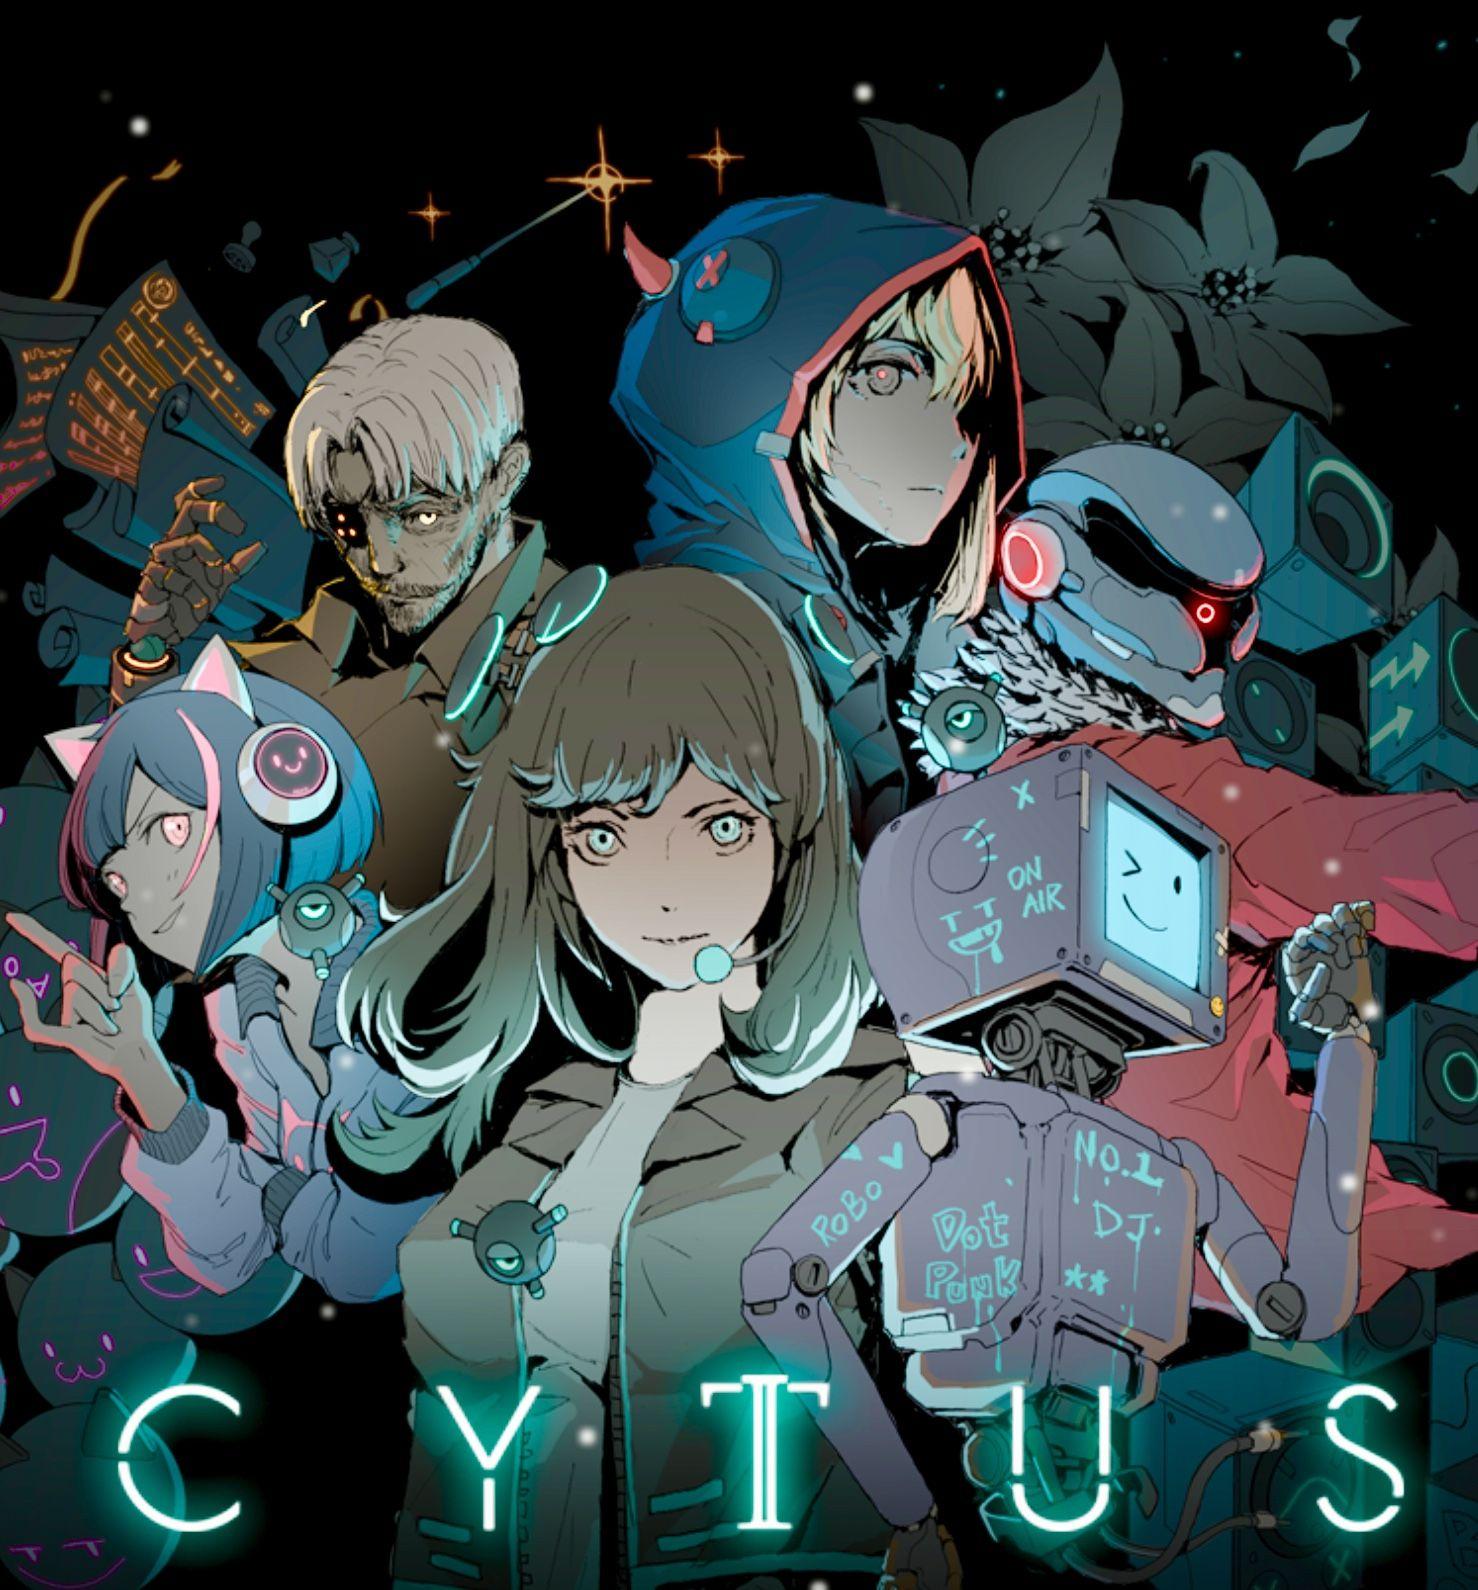 Pin By Cytus Player On Cytus Anime Art Wallpaper